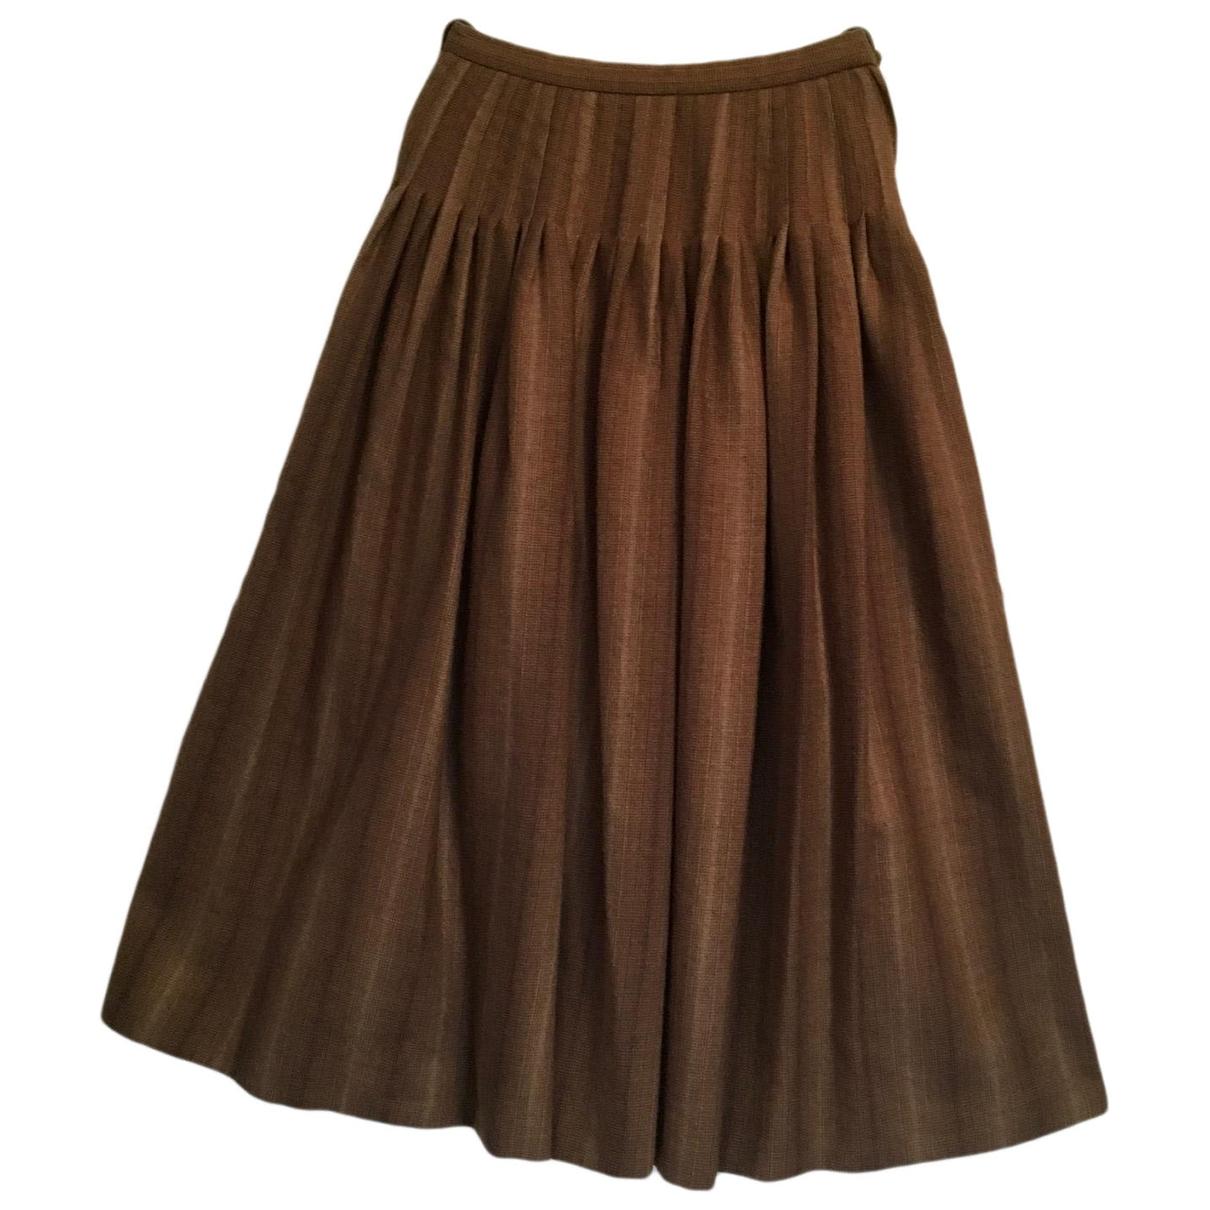 Yves Saint Laurent \N Brown Wool skirt for Women 38 FR